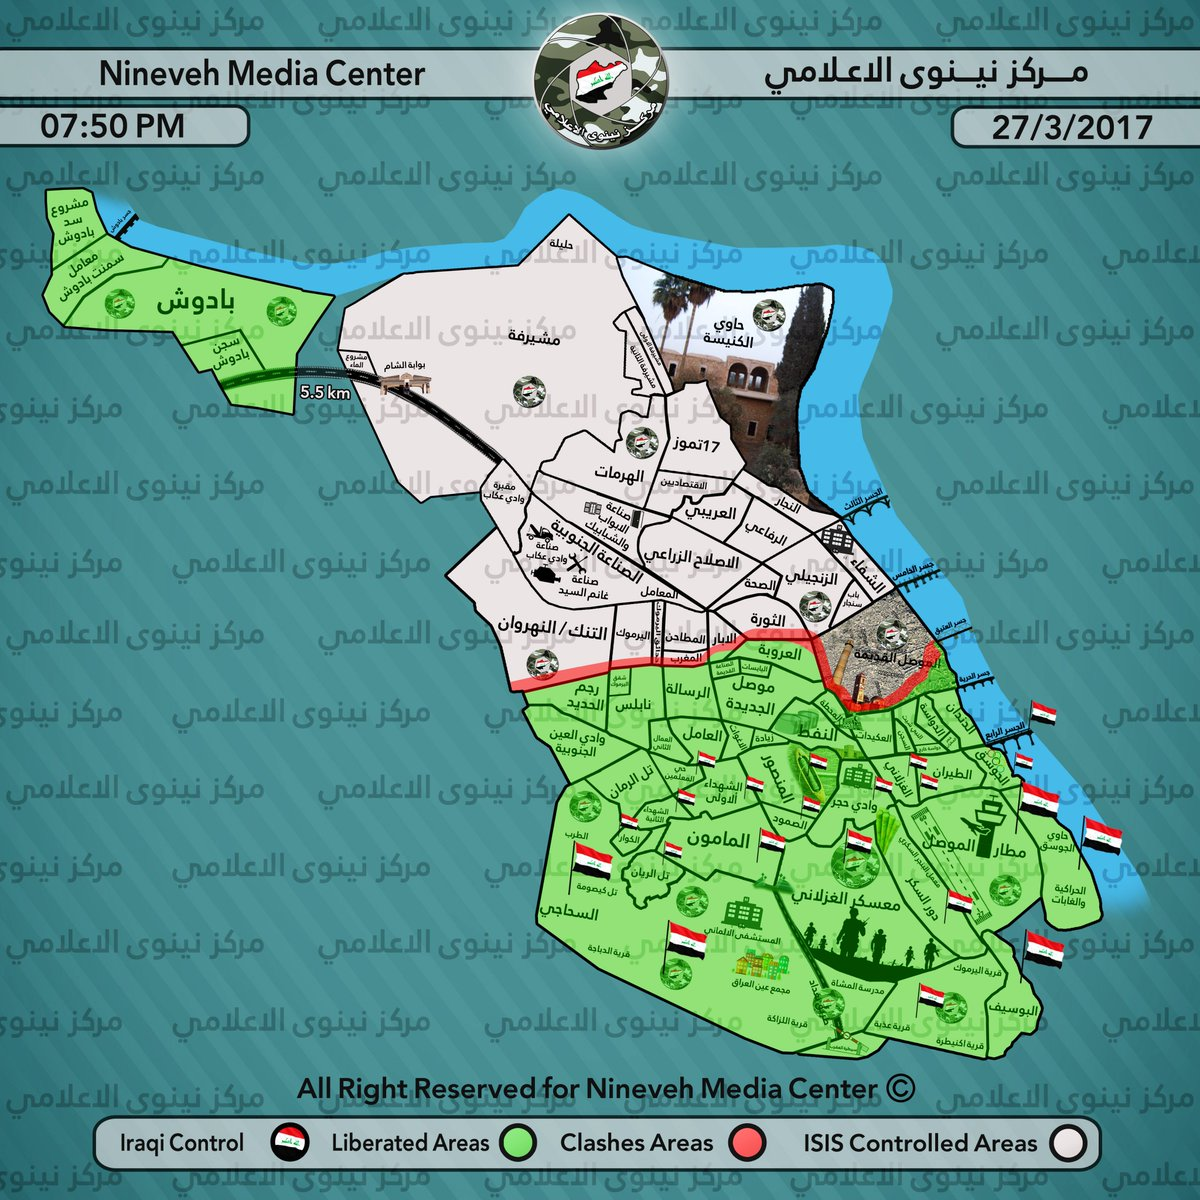 معركة الموصل - صفحة 5 C78Ibm5WkAA01xH